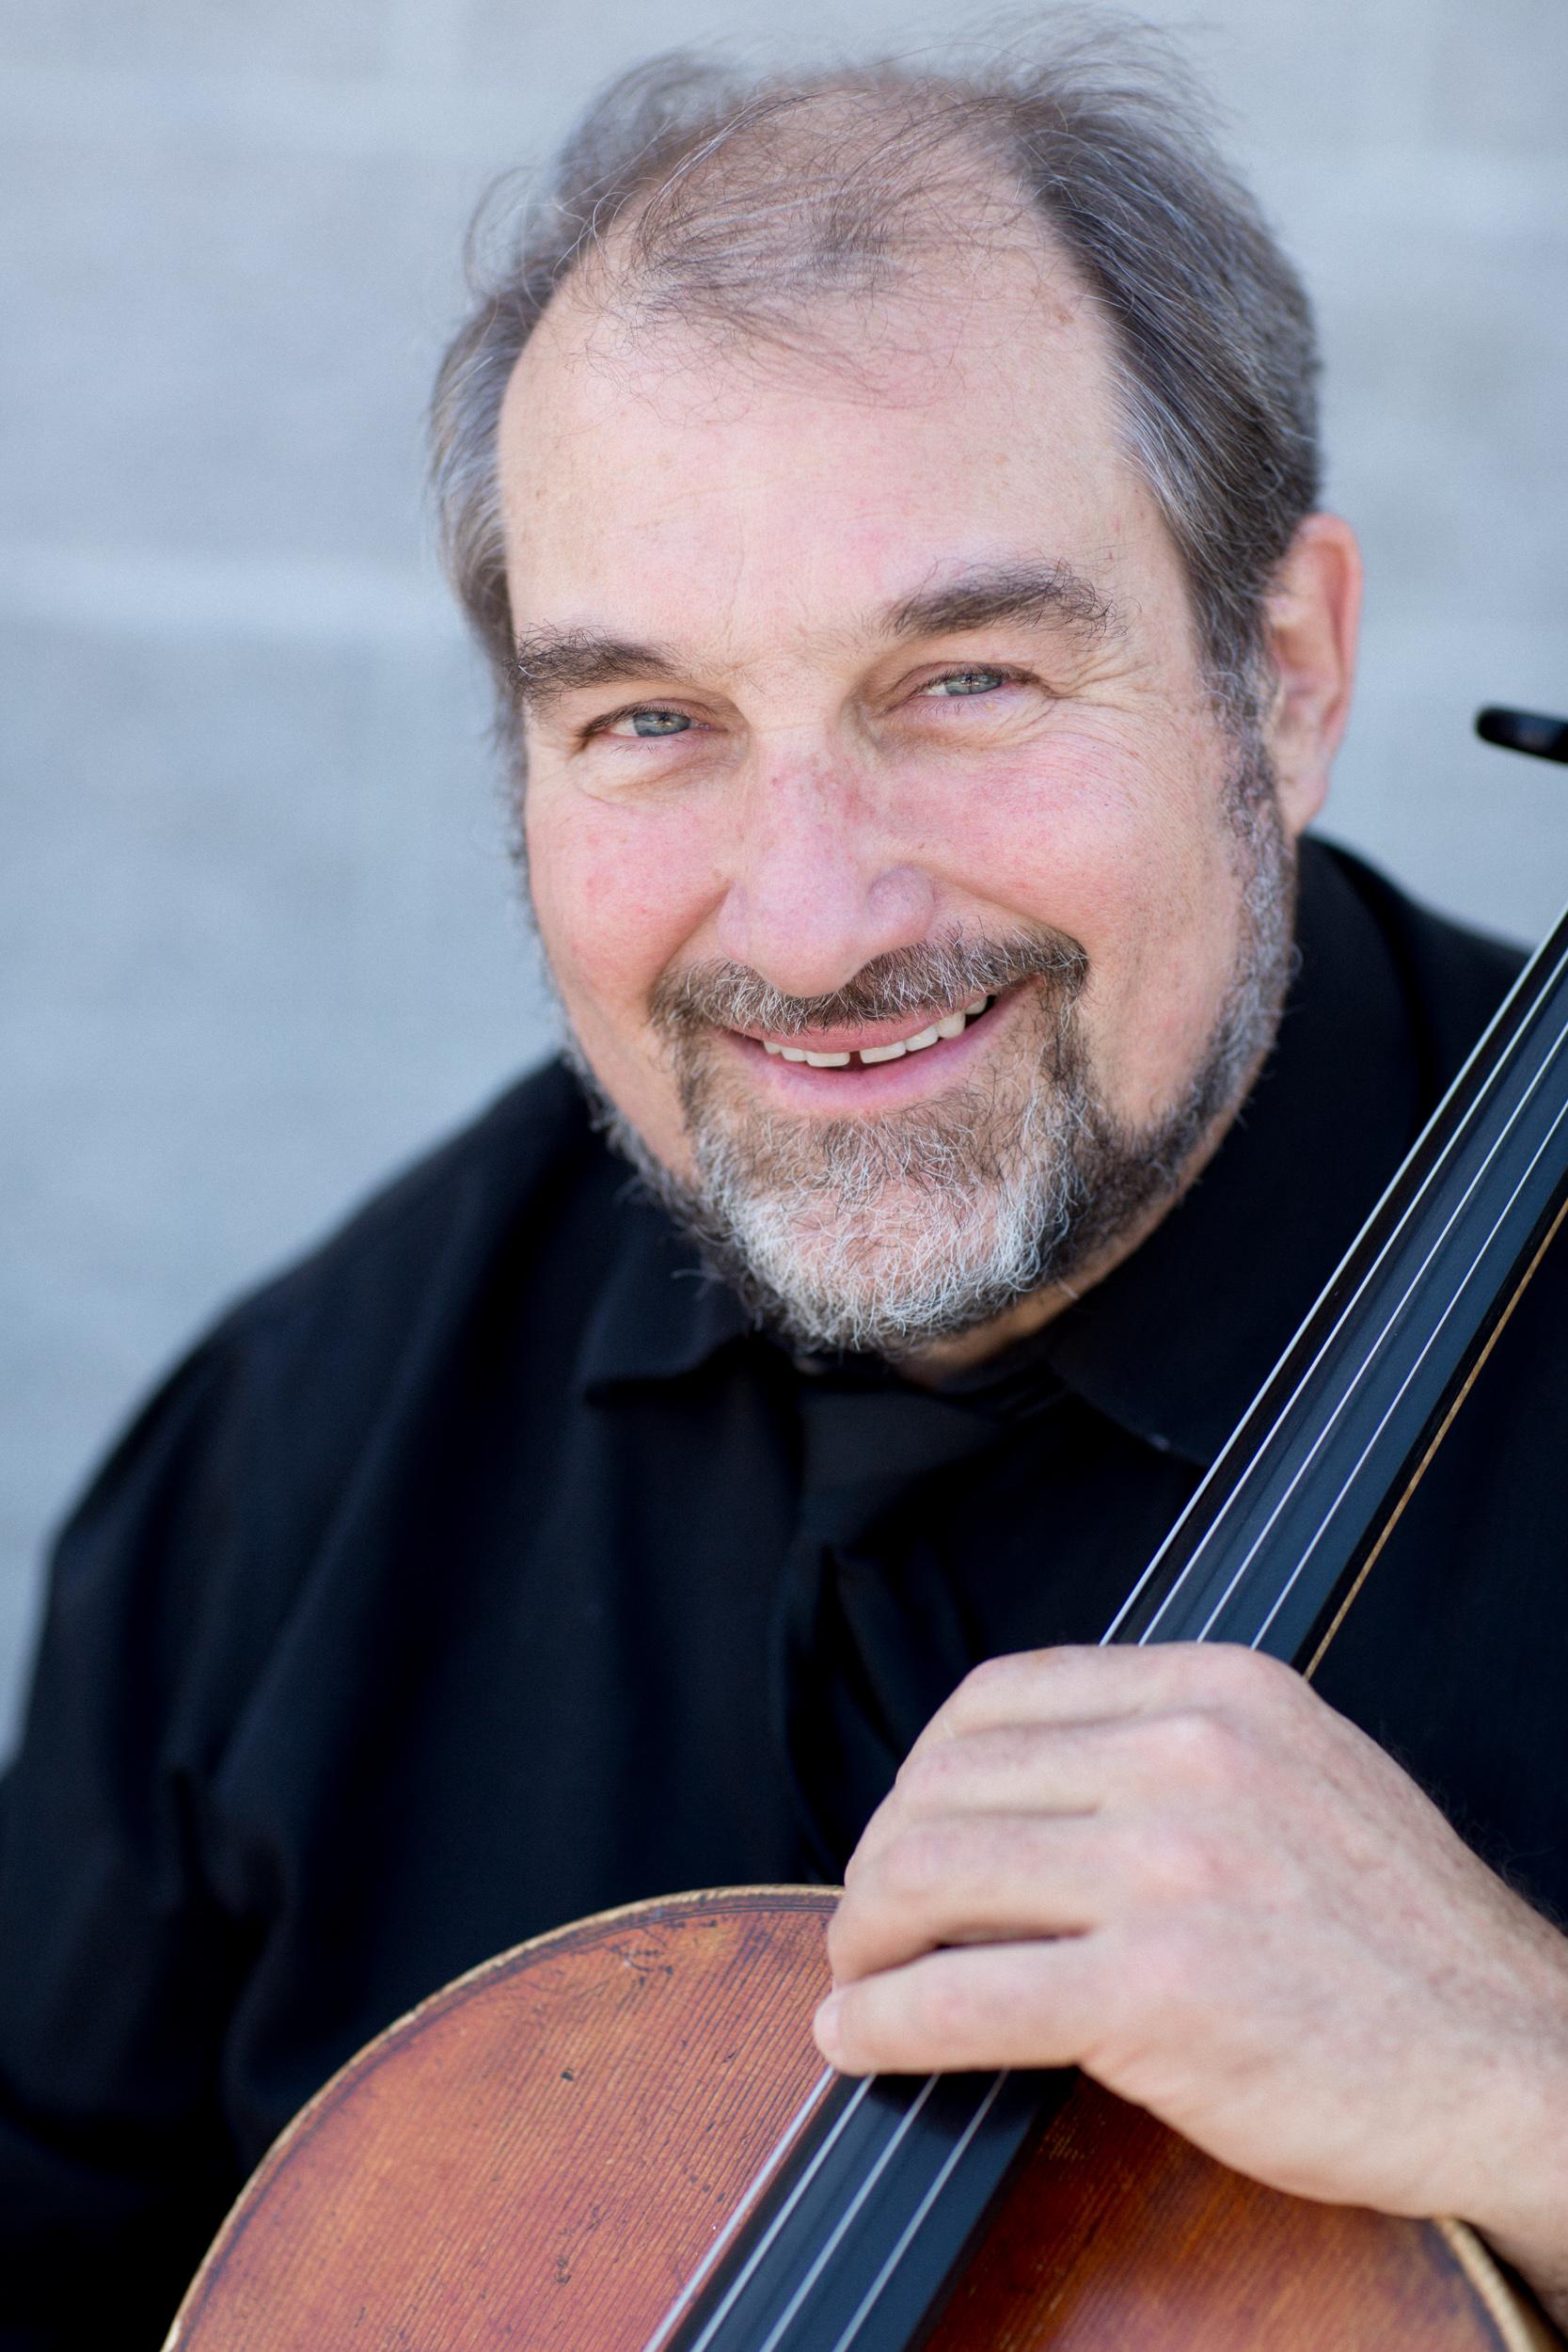 Joel Cohen, cello